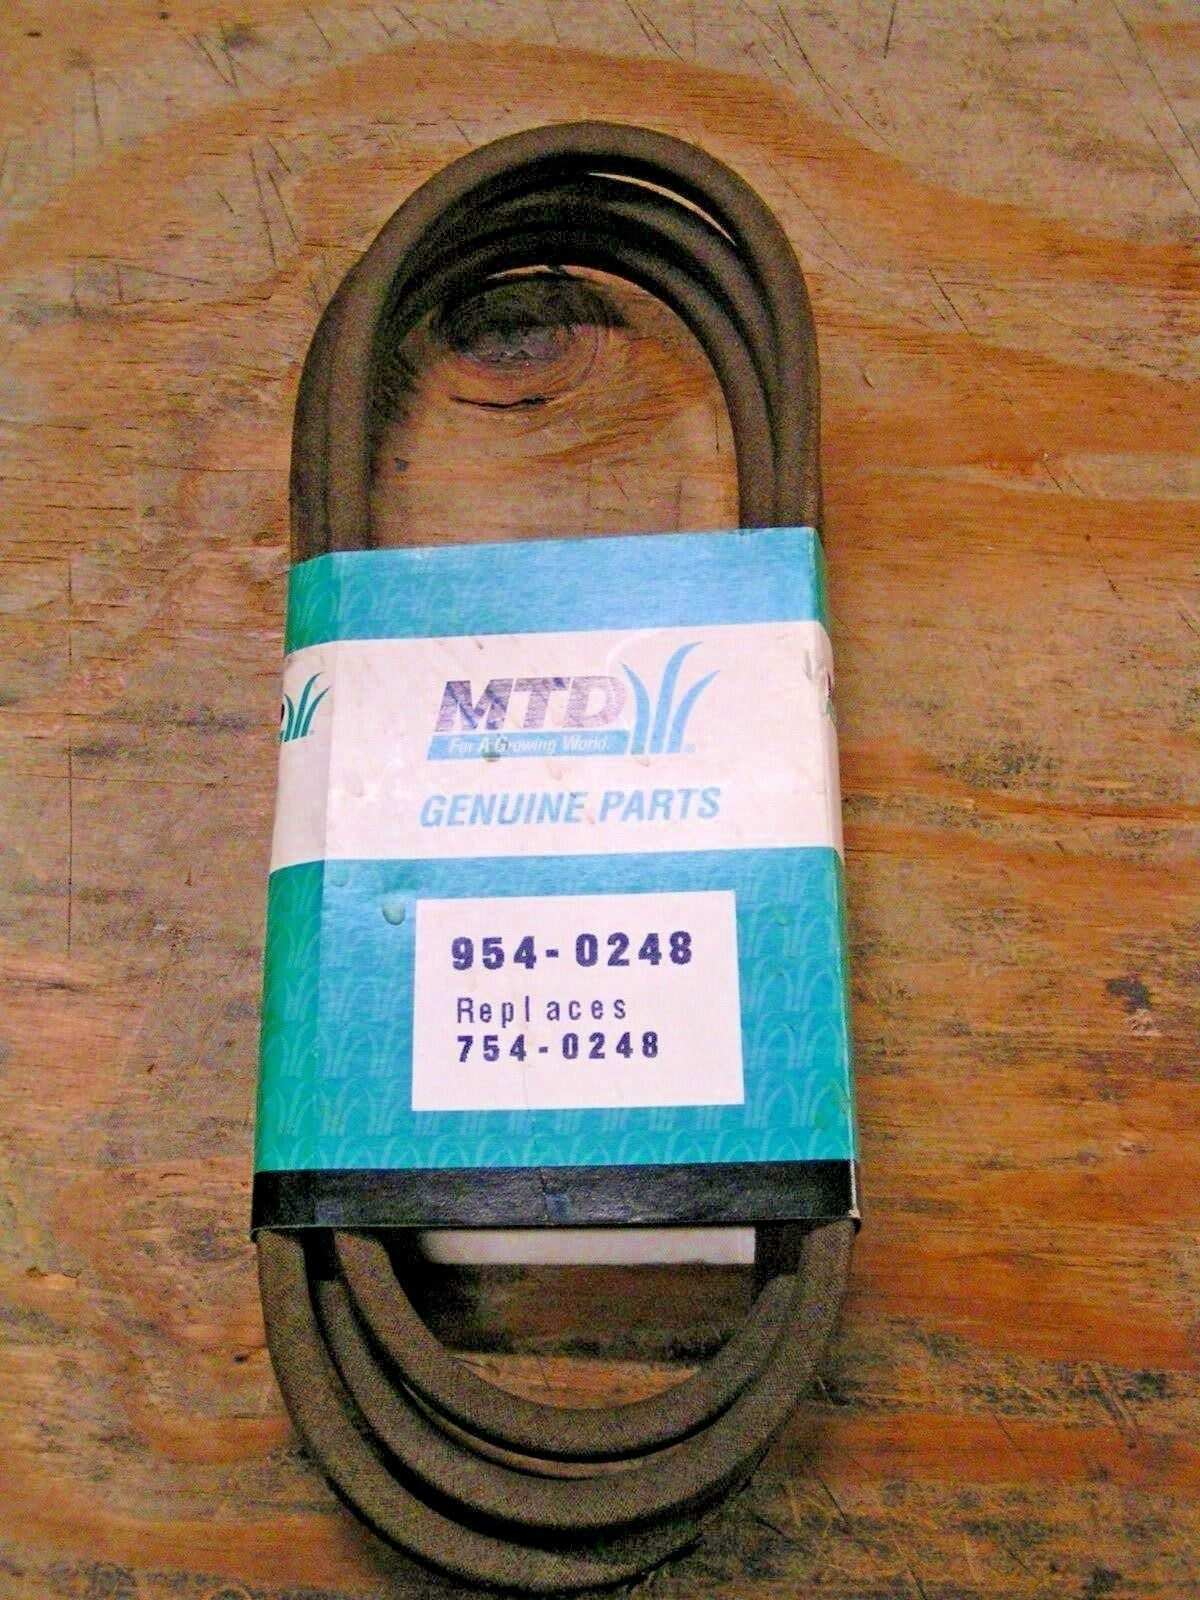 Los productos de la correa de tipo V MTD-Original Equipment Manufacturer parte  754-0248 - nuevo OEM pieza de servicio